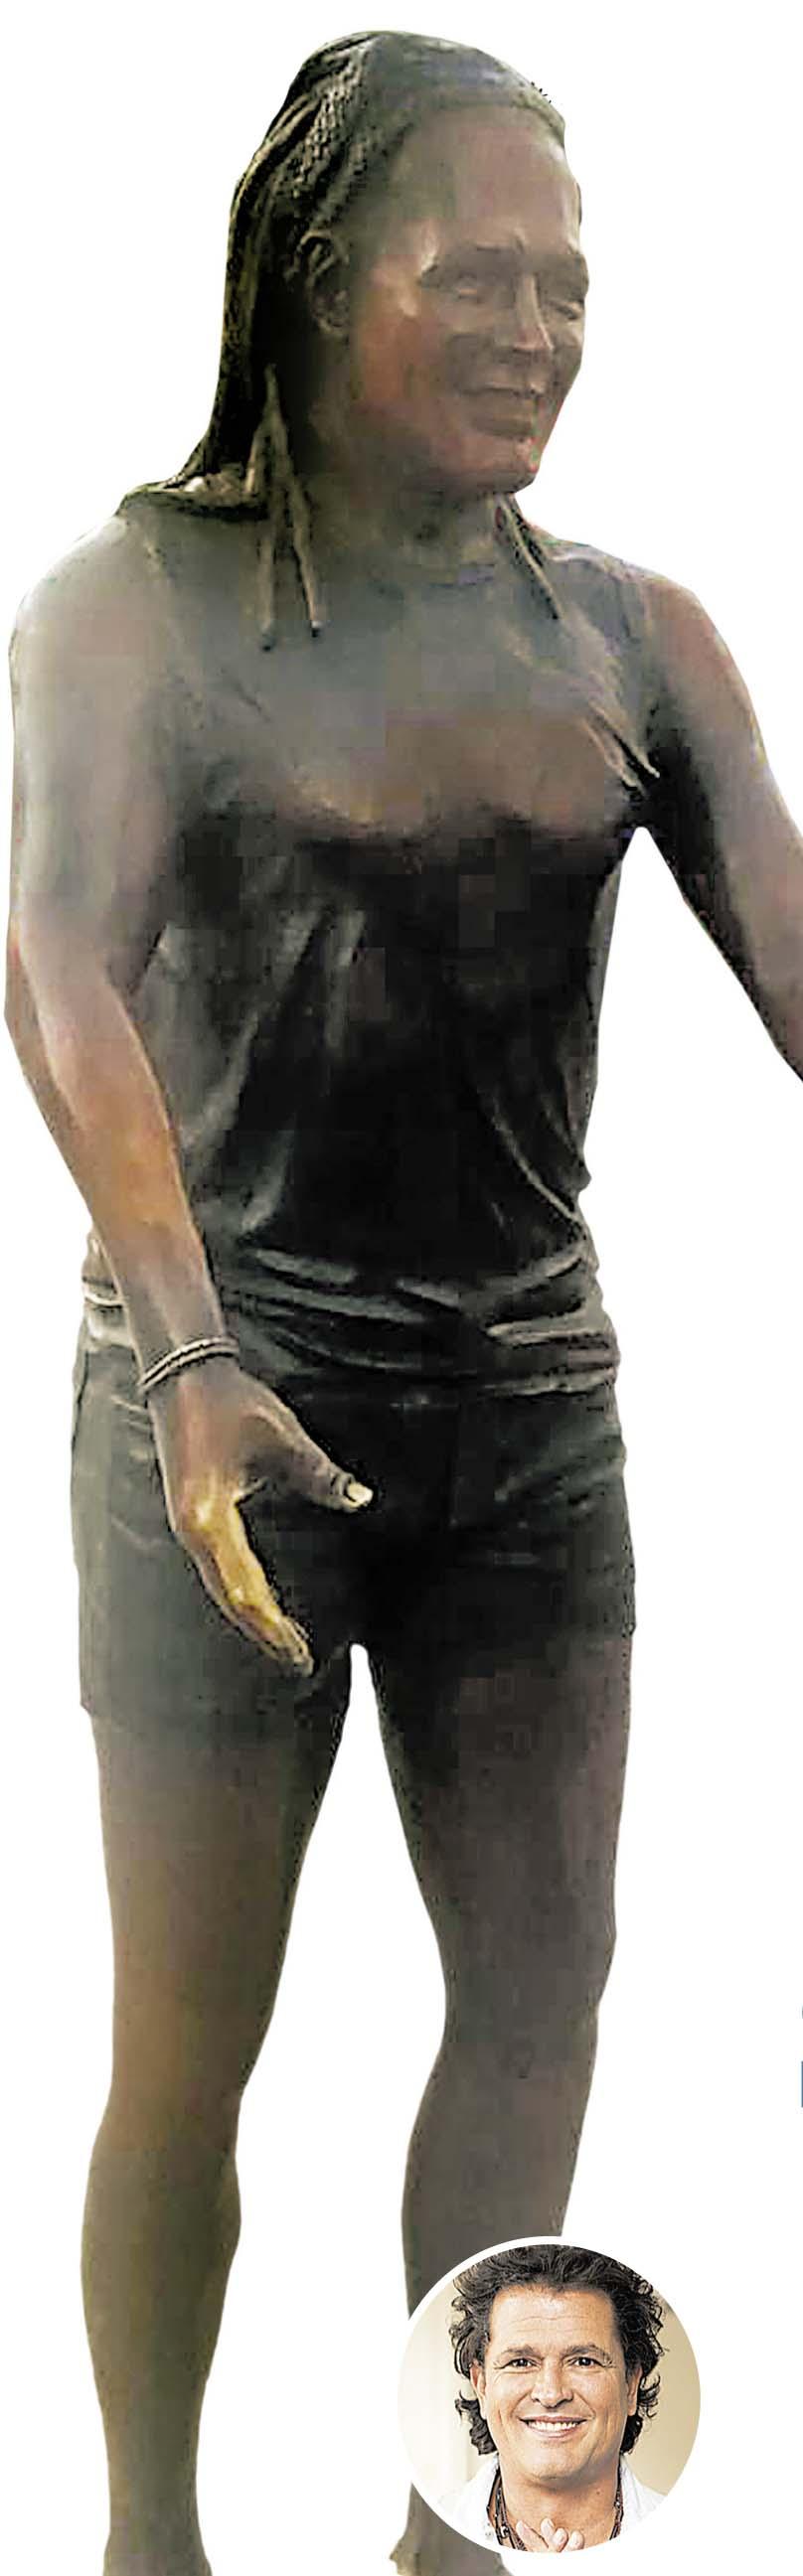 """Carlos Vives. La obra realizada por el artista plástico Edward Barrera ha generado una reciente polémica debido a supuestos """"rasgos femeninos"""" en la imagen."""